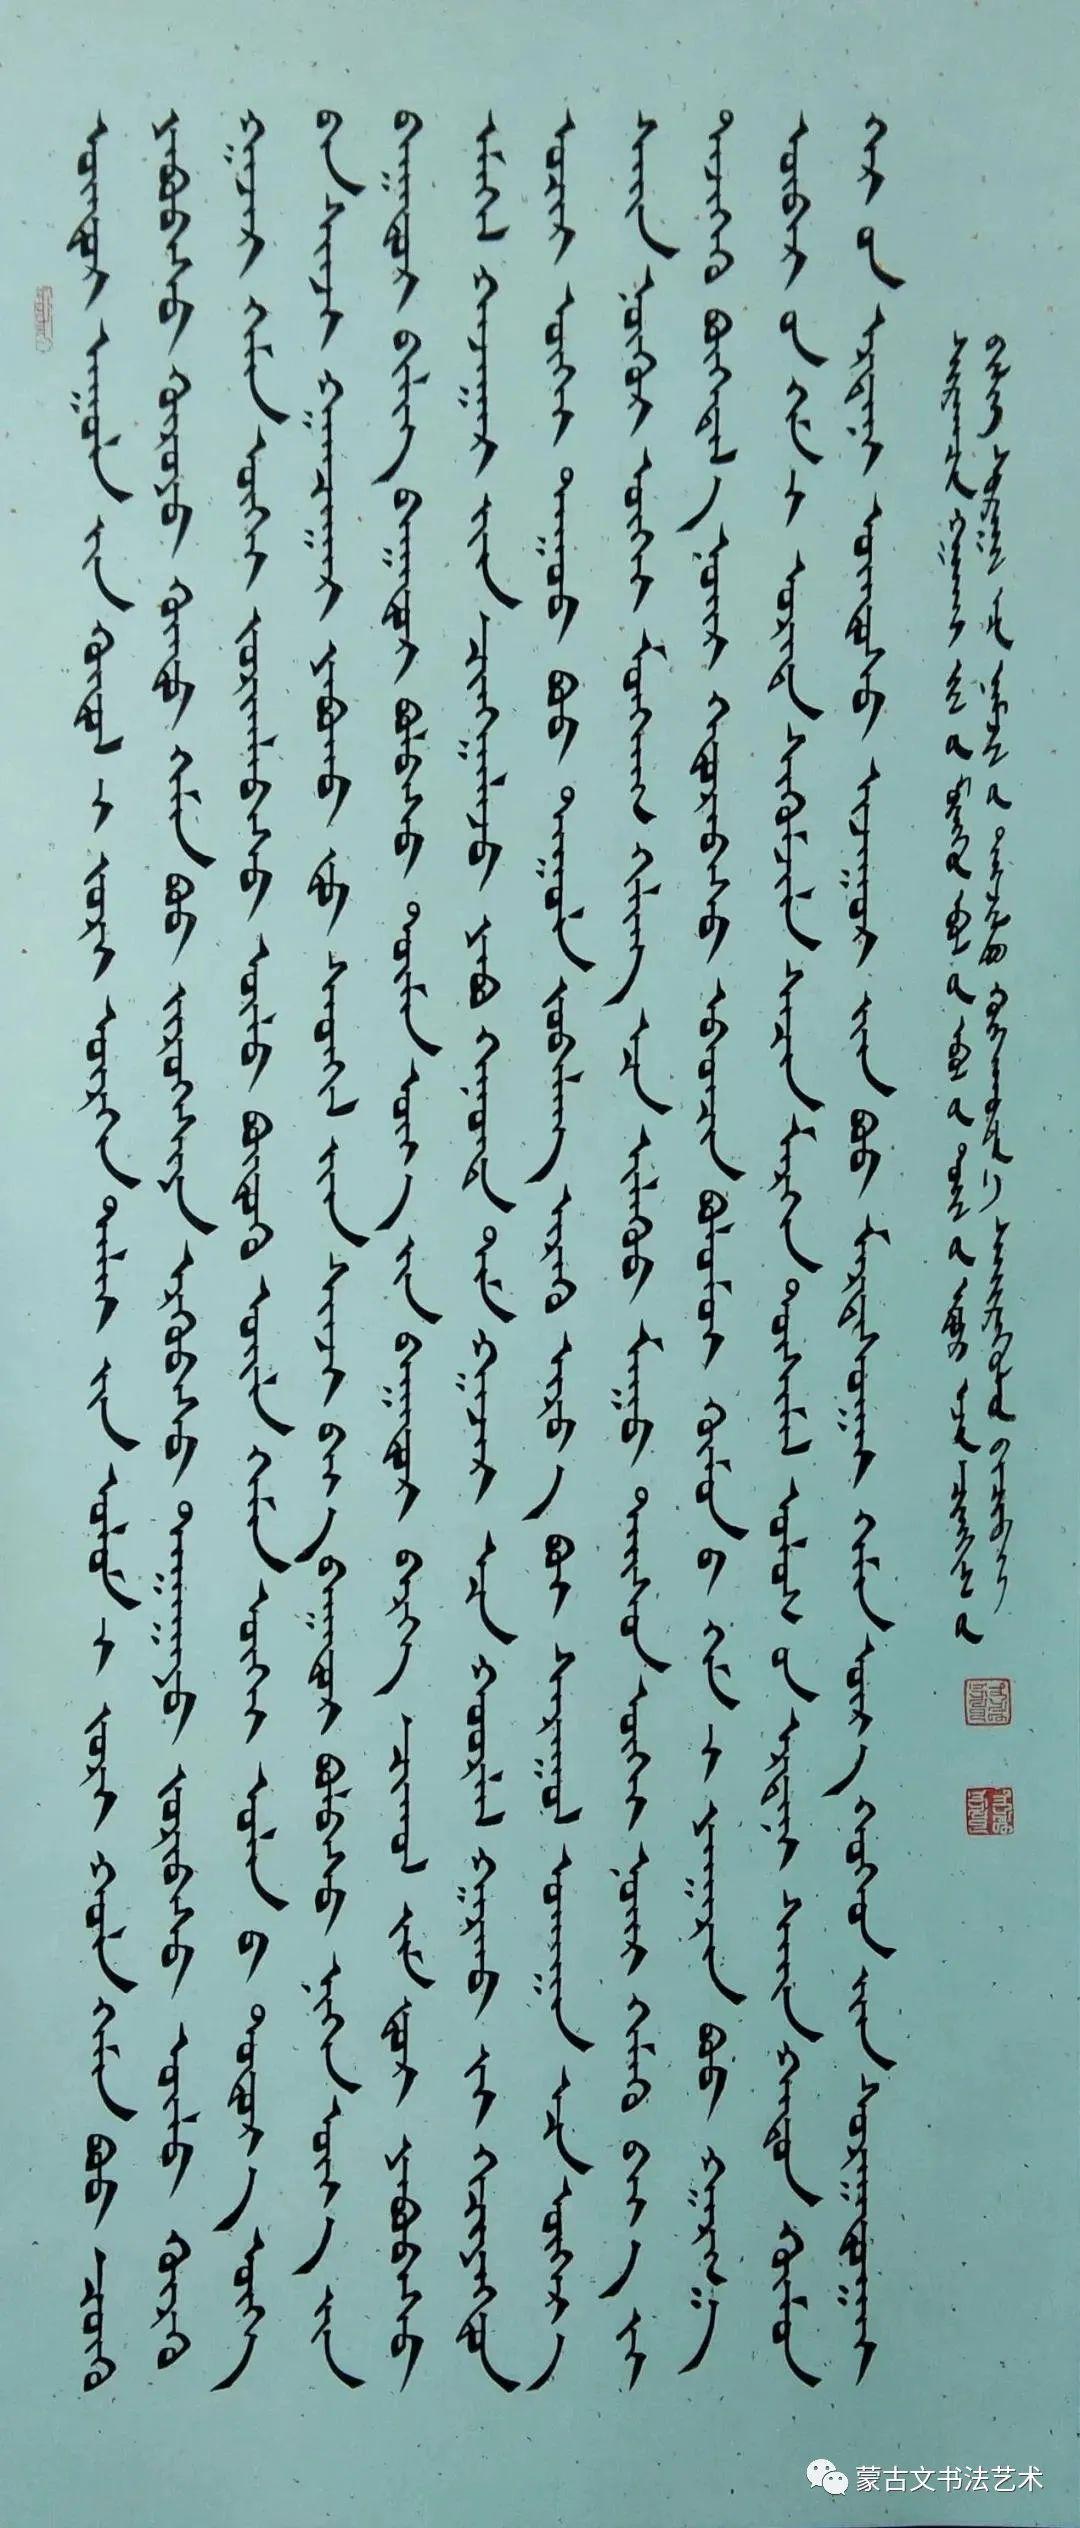 德格吉乐图蒙古文书法作品(二) 第2张 德格吉乐图蒙古文书法作品(二) 蒙古书法